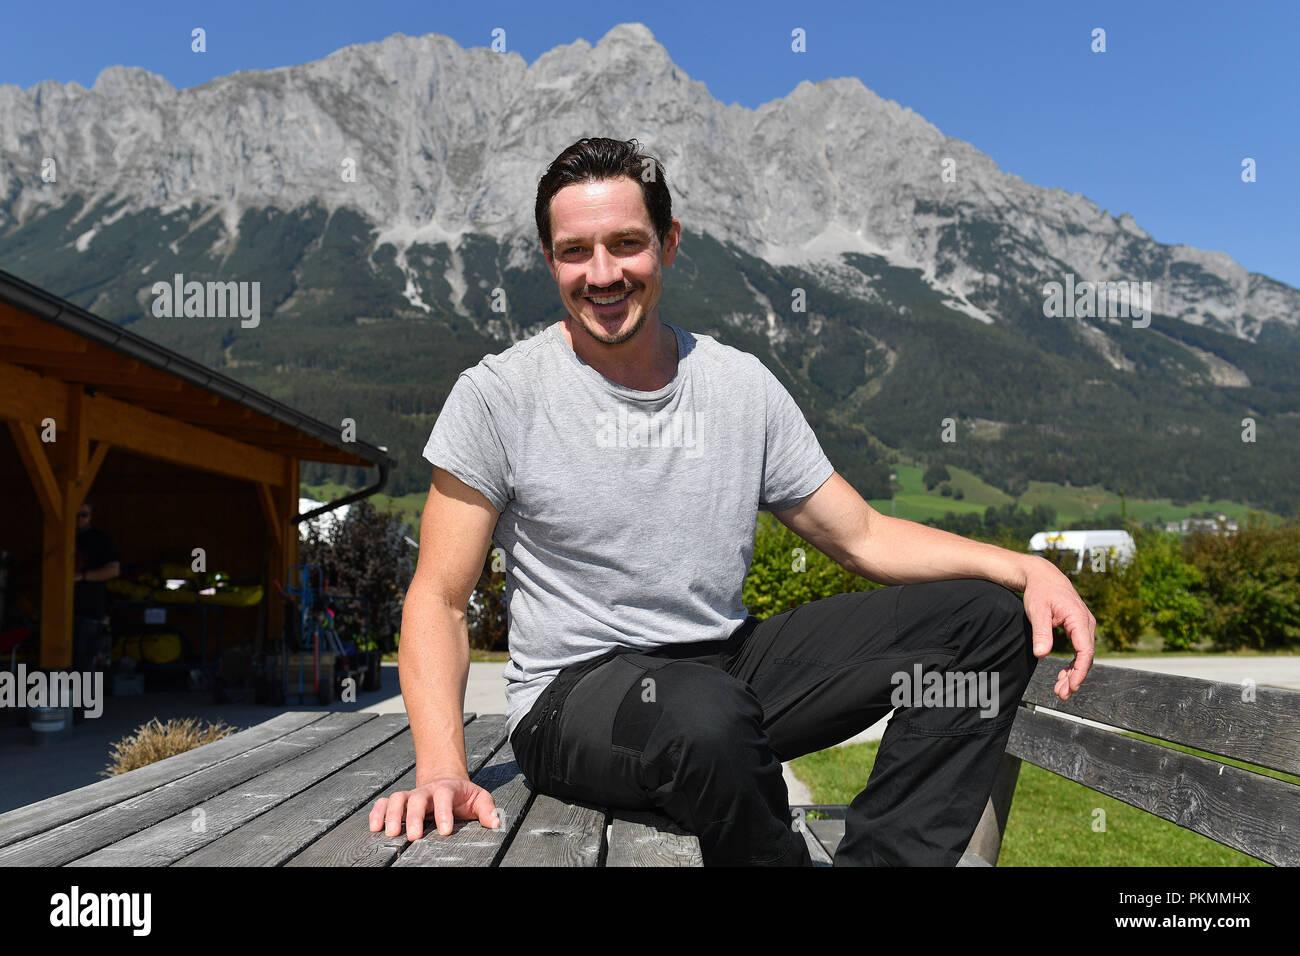 26. Ennstaler Schafbauerntag in blarn - Liezen - zarell.com